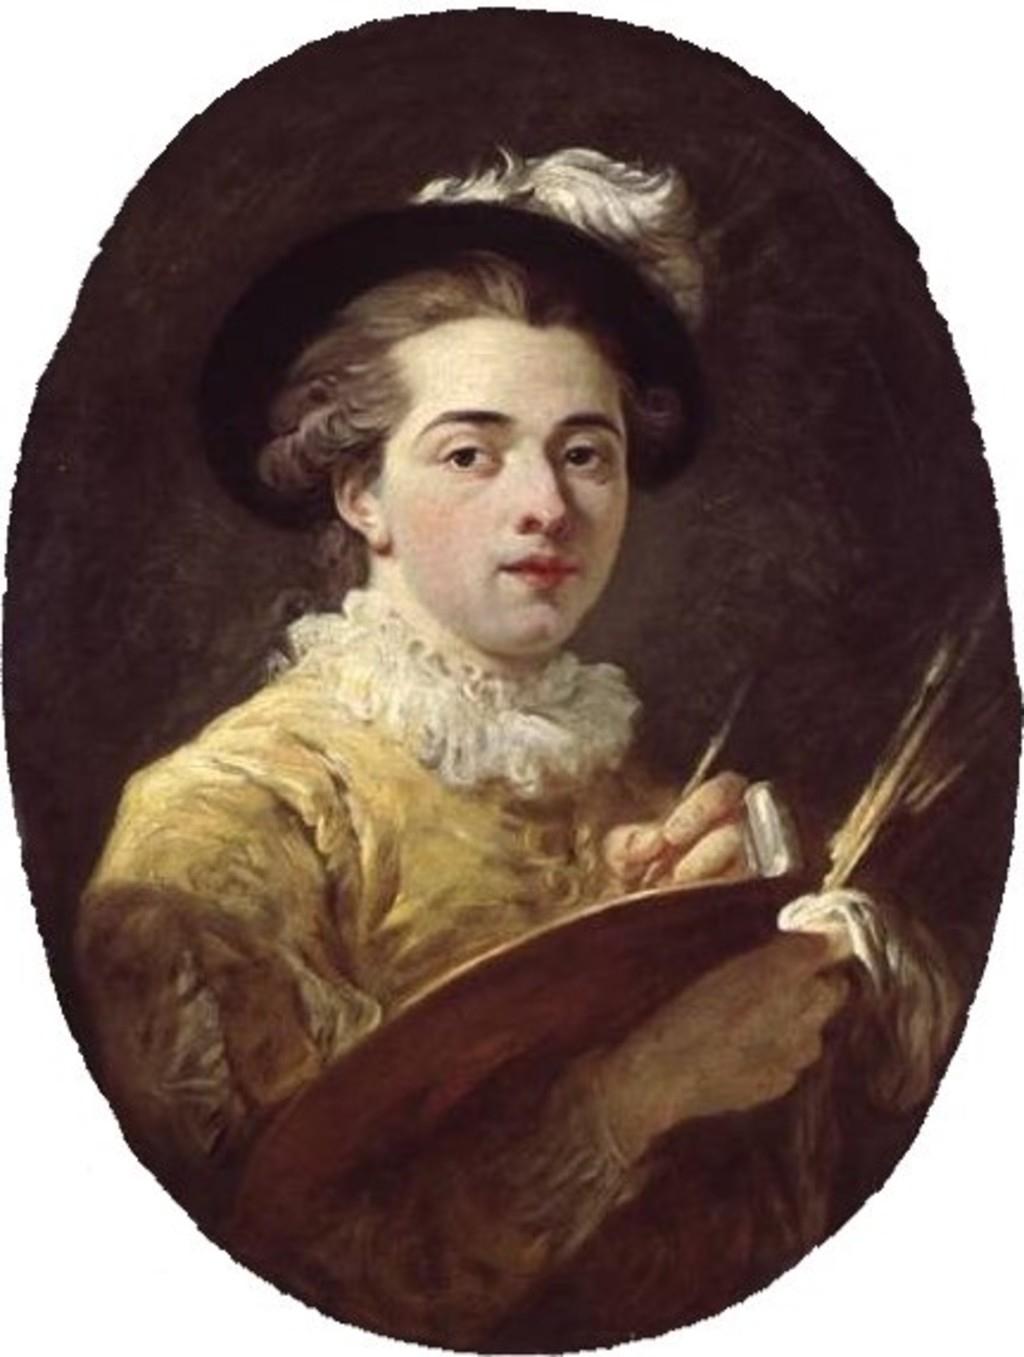 Fragonard, Jean-Honoré